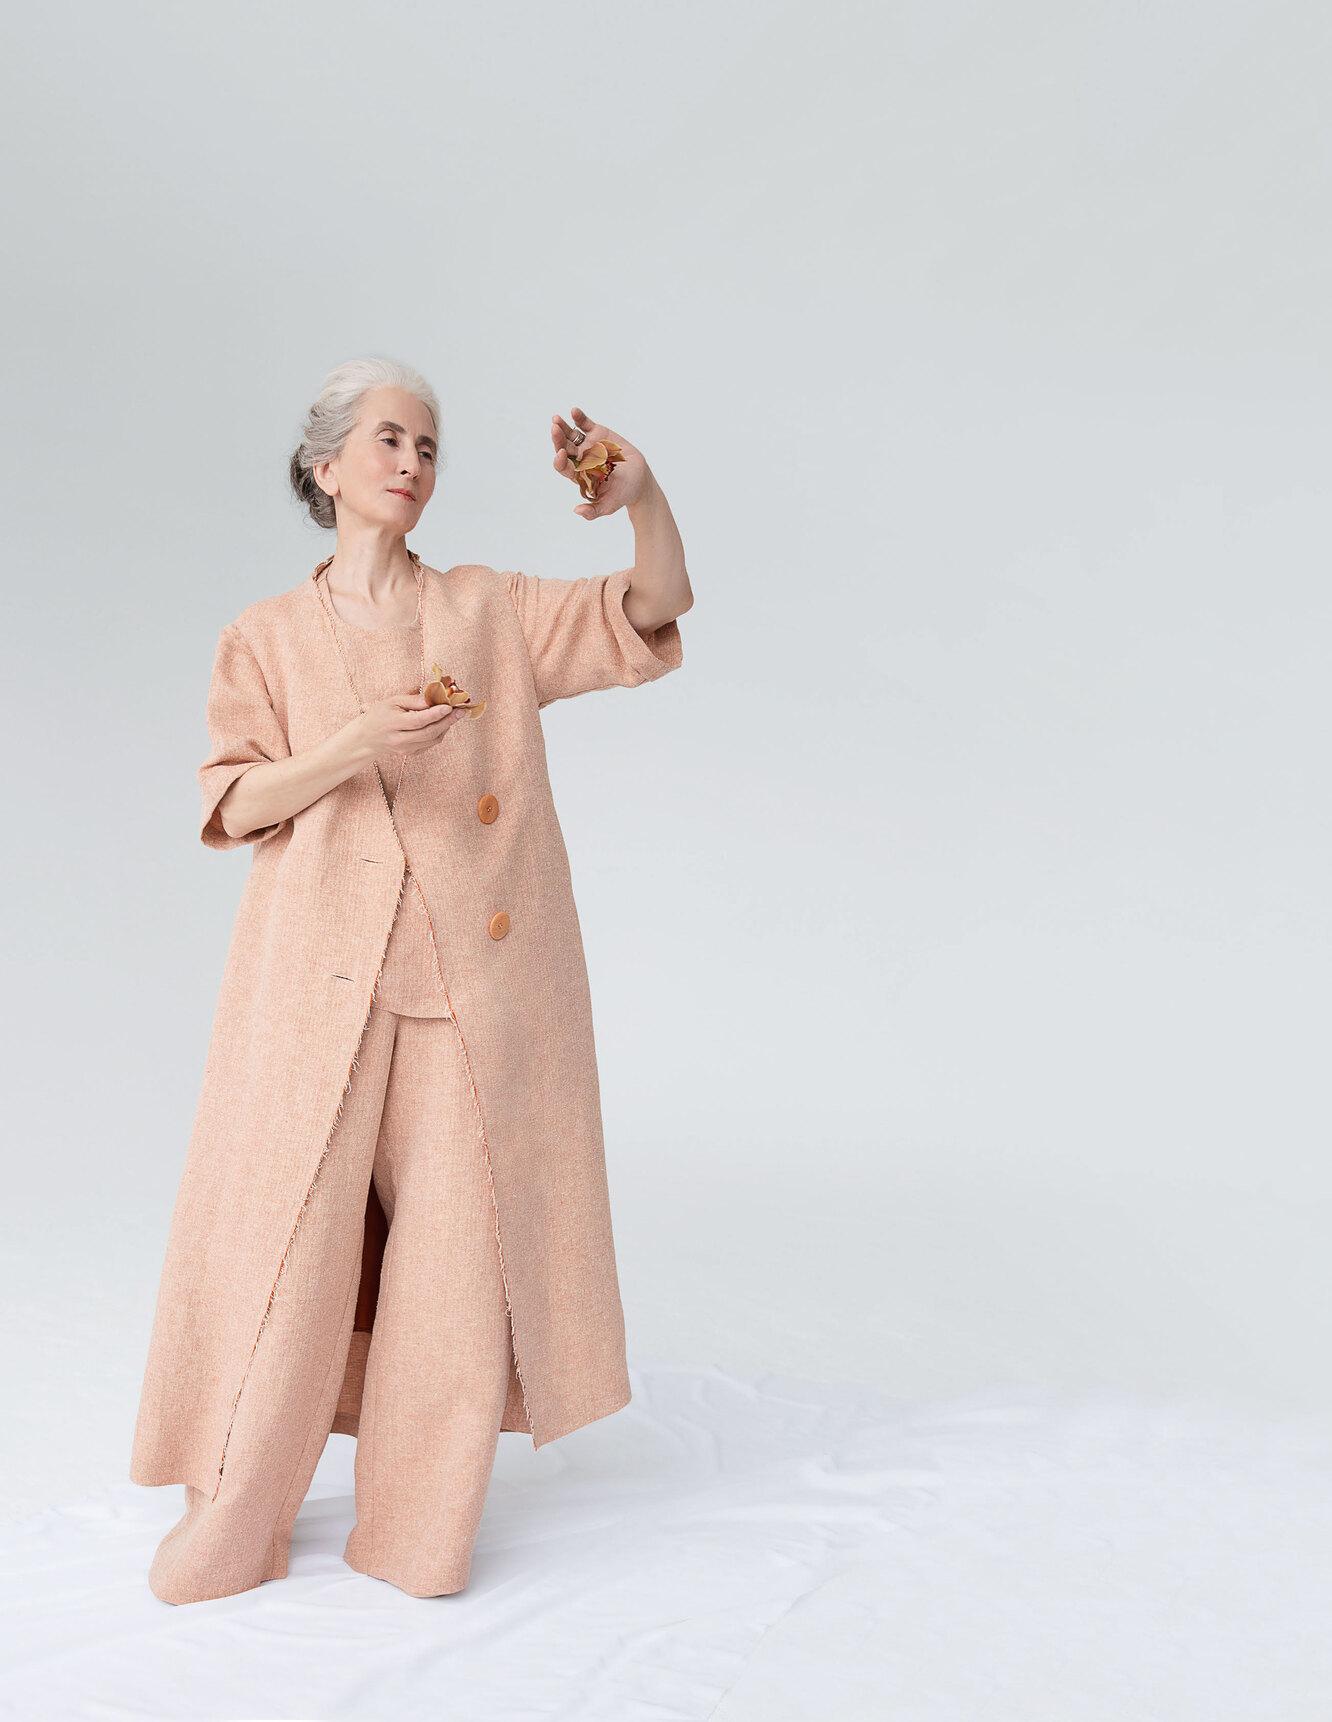 Как стать моделью в 40 лет татьяна борзова